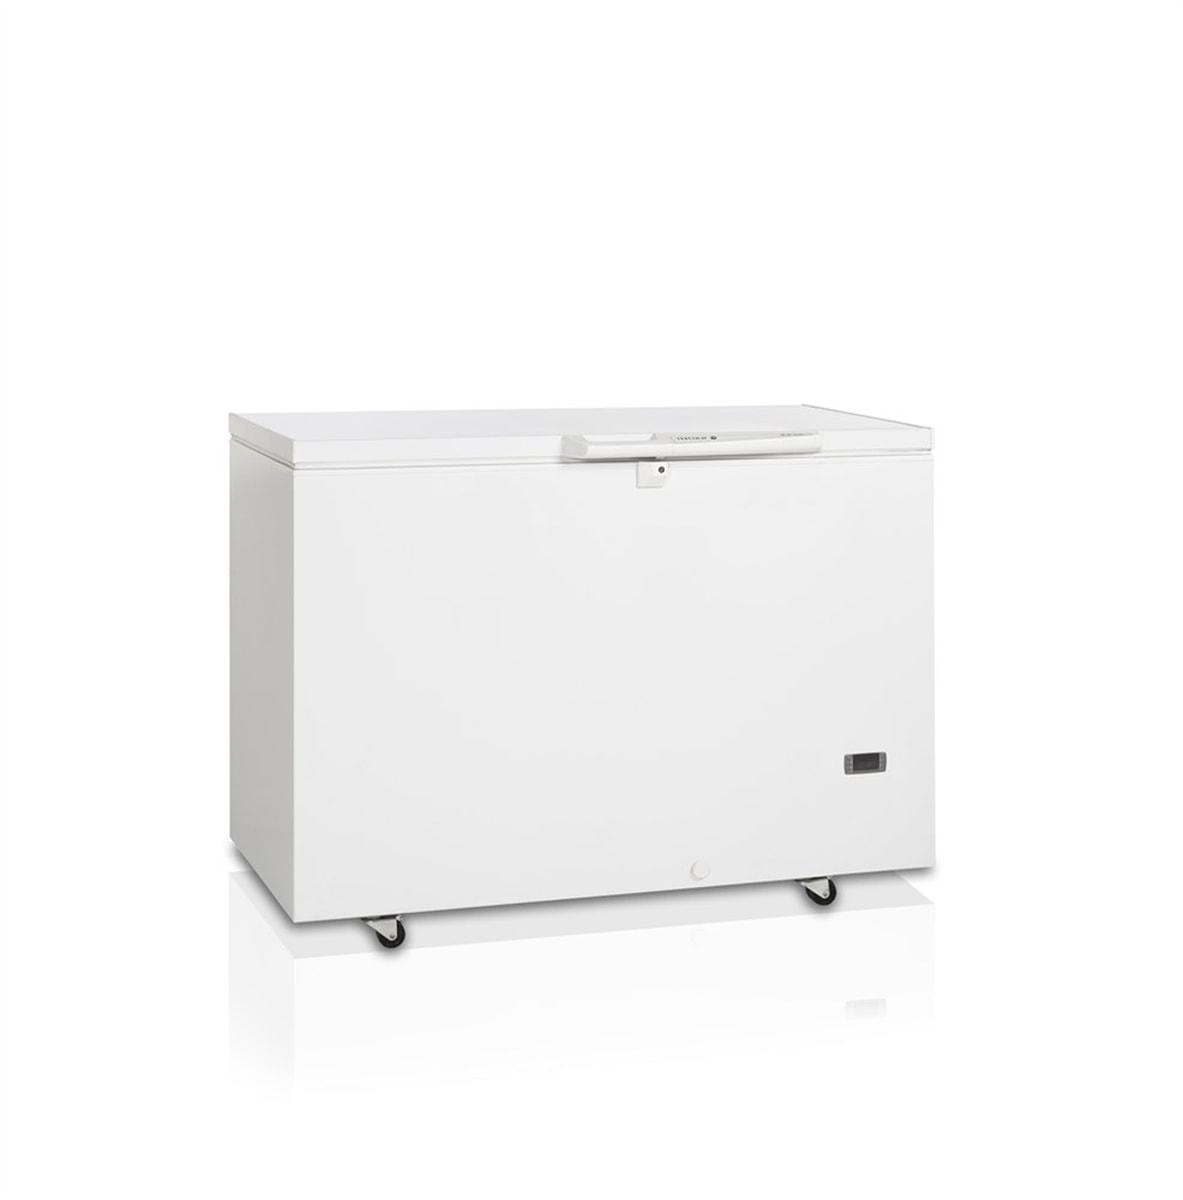 Tefcold Laboratoriefryseboks-45 grader 330 liter SE30-45